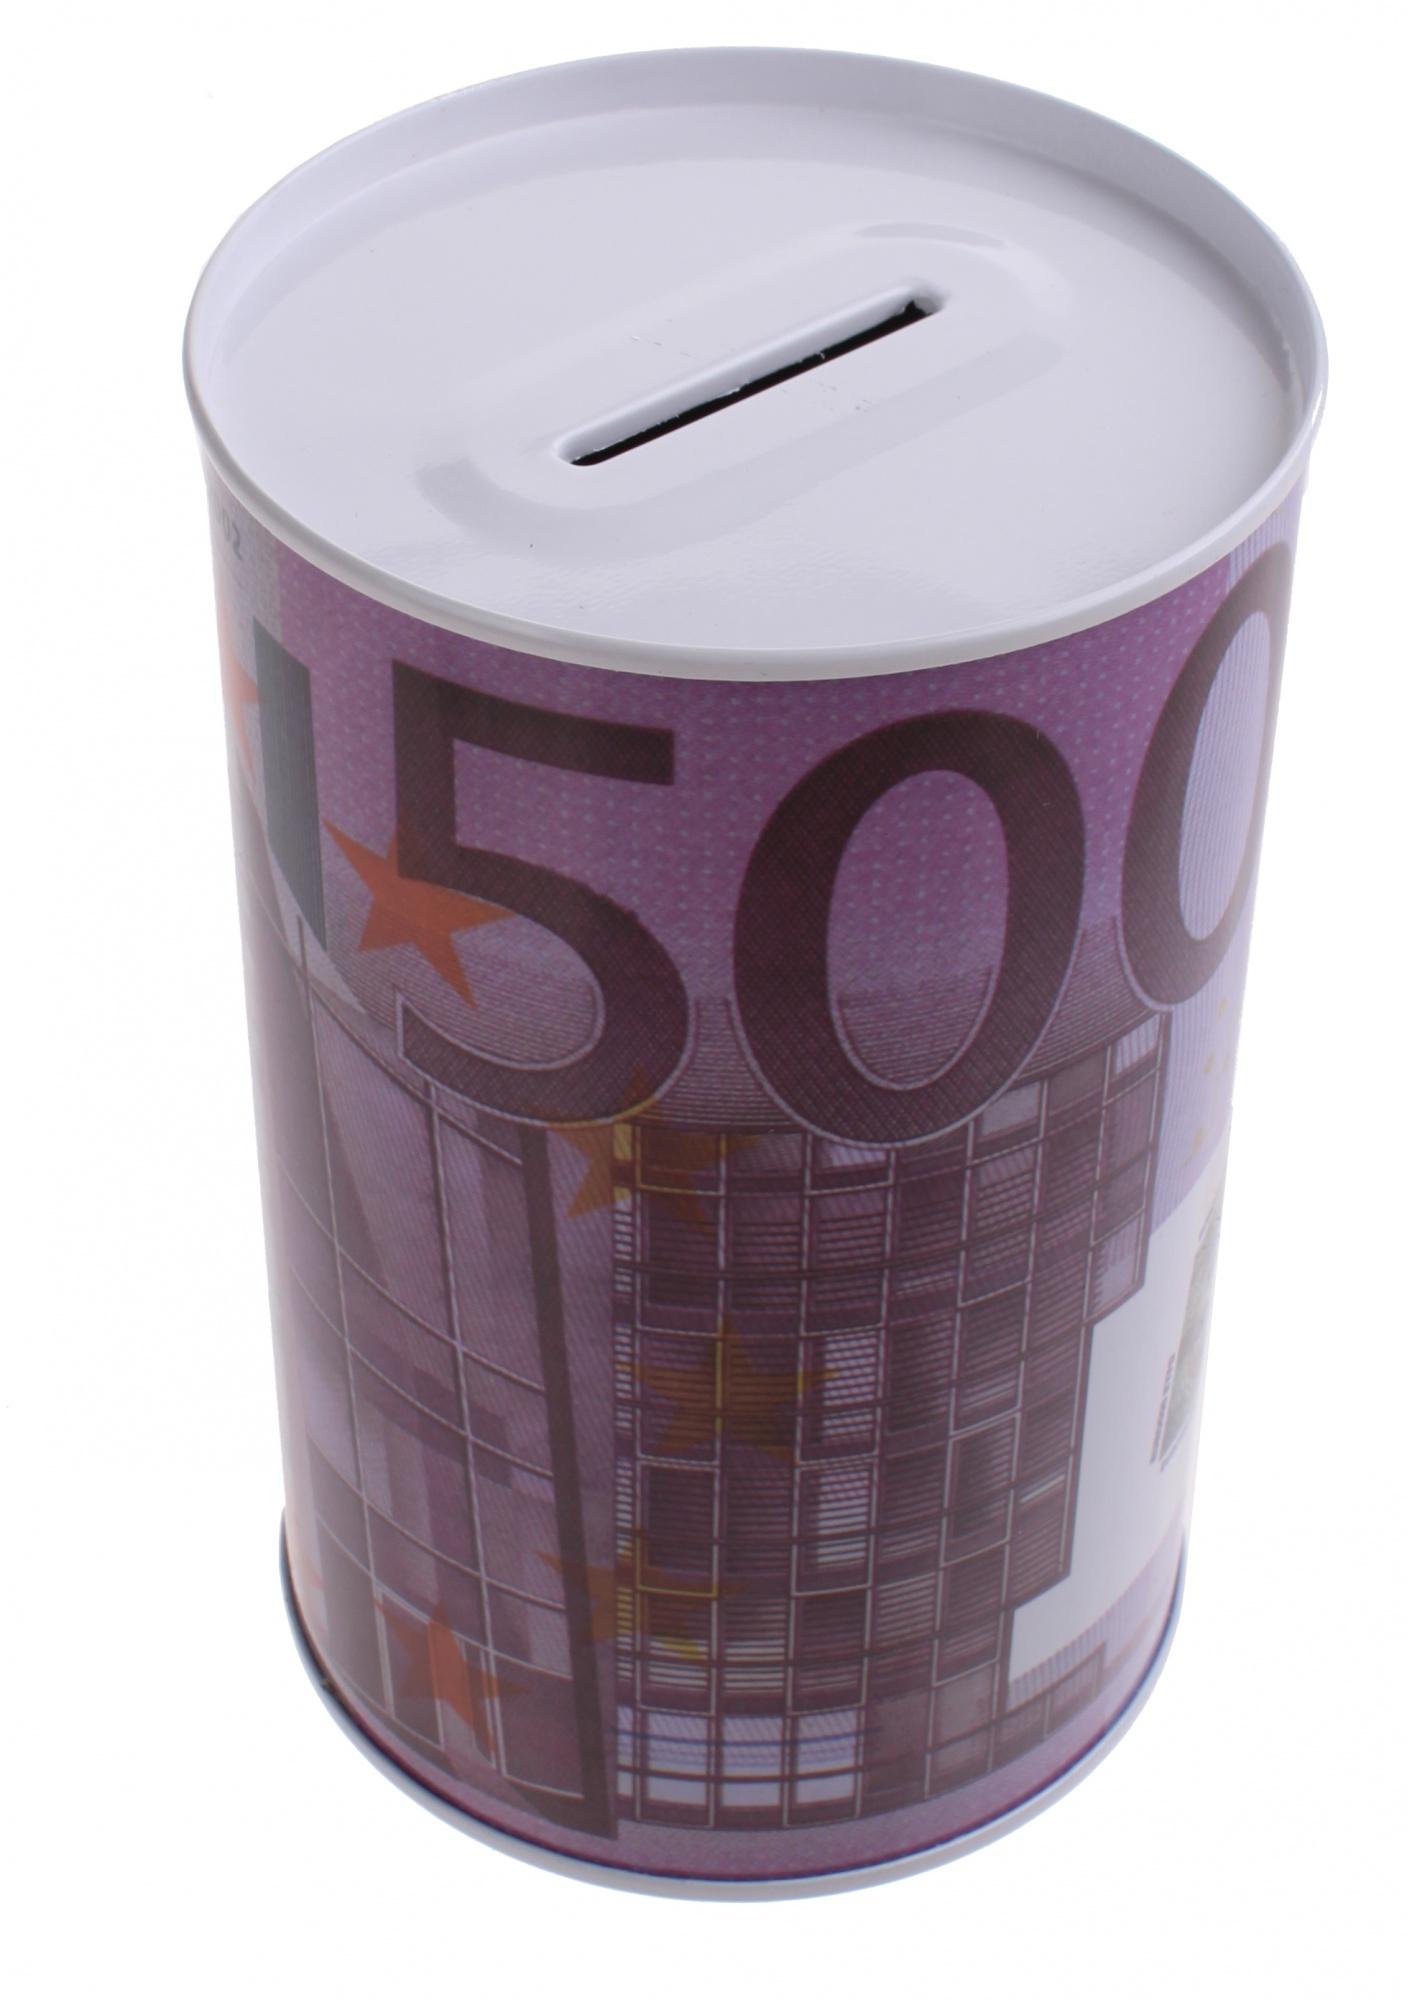 tirelire 500 en euro avec euros print violet métal Yb6yv7fg